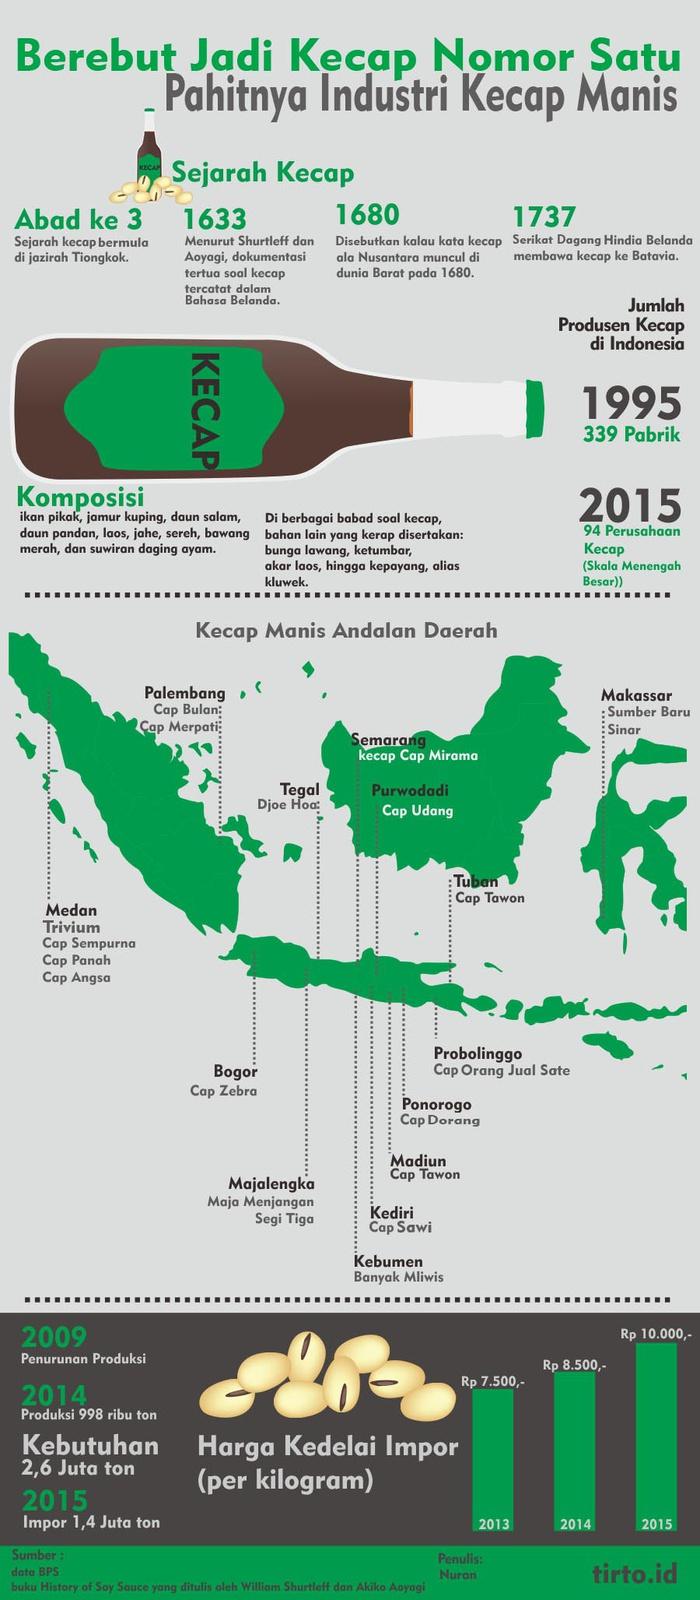 Jejak Kecap Tradisional Membelah Nusantara